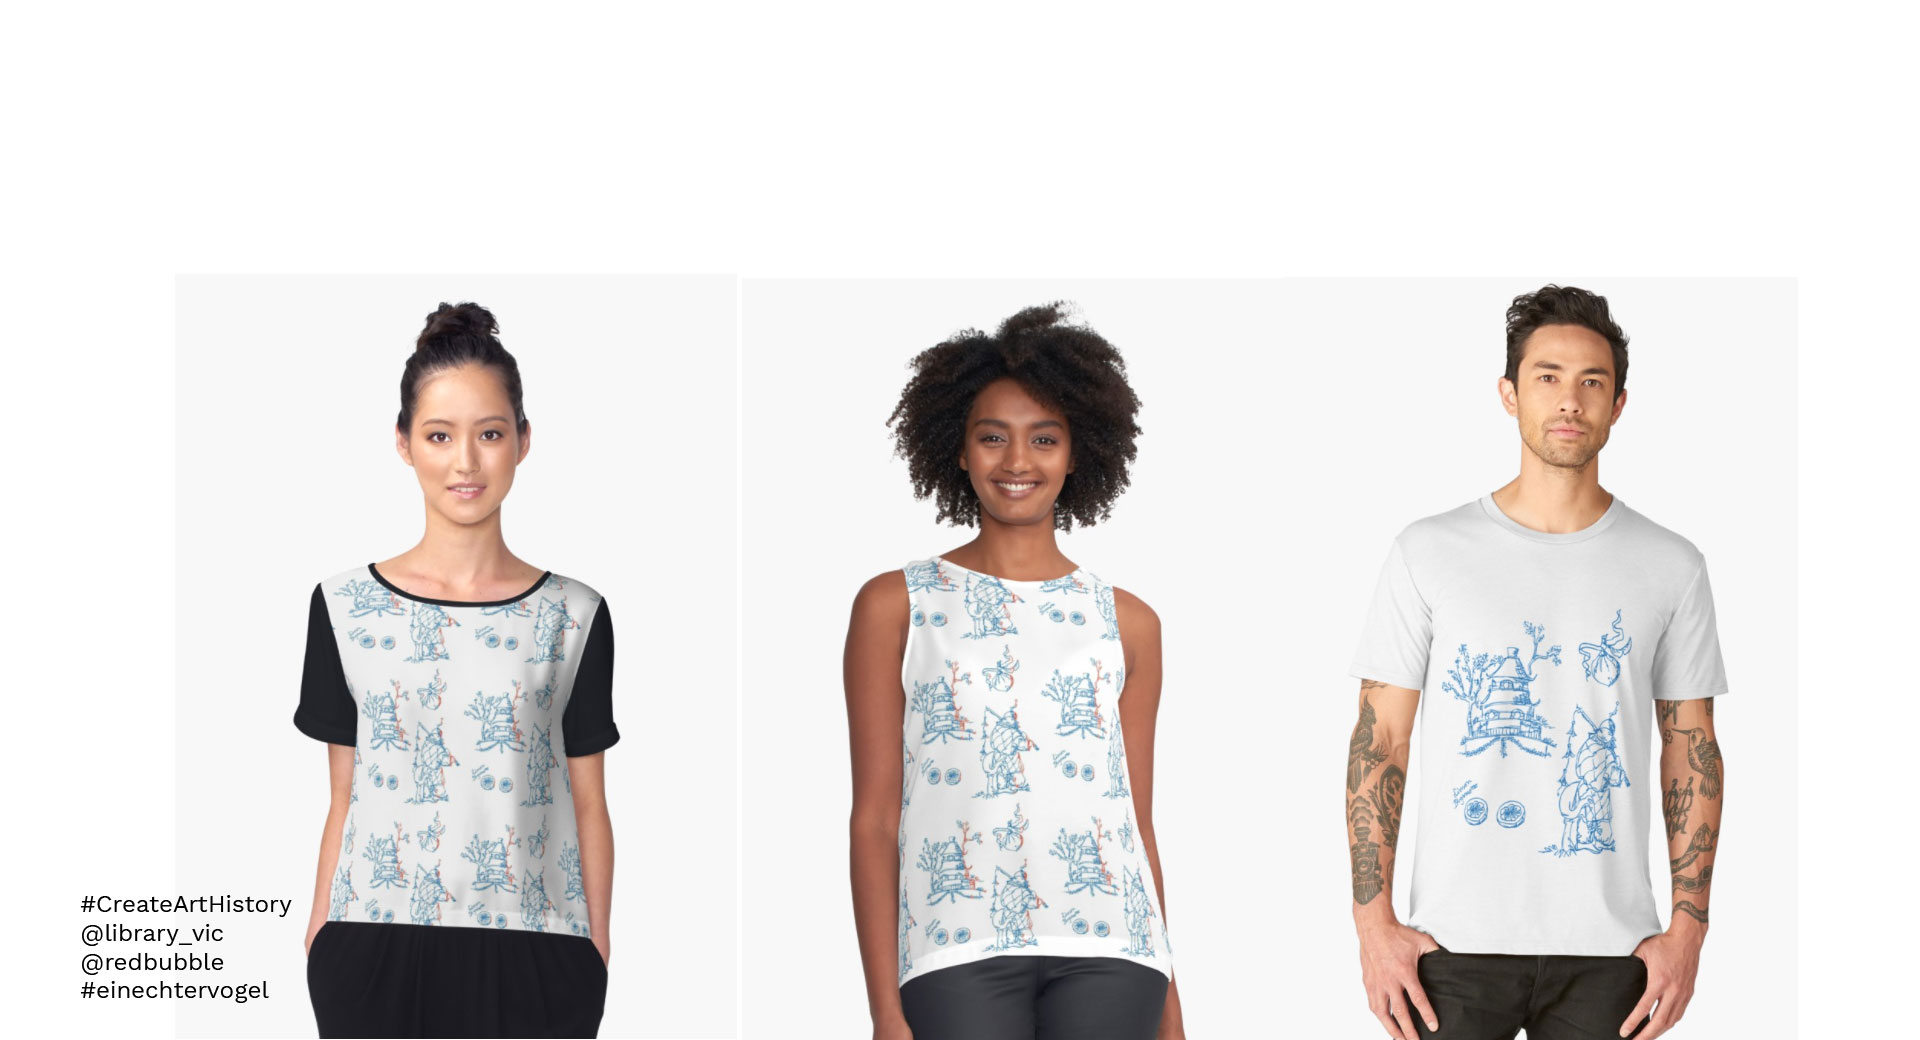 Toile de jouy, T-Shirts